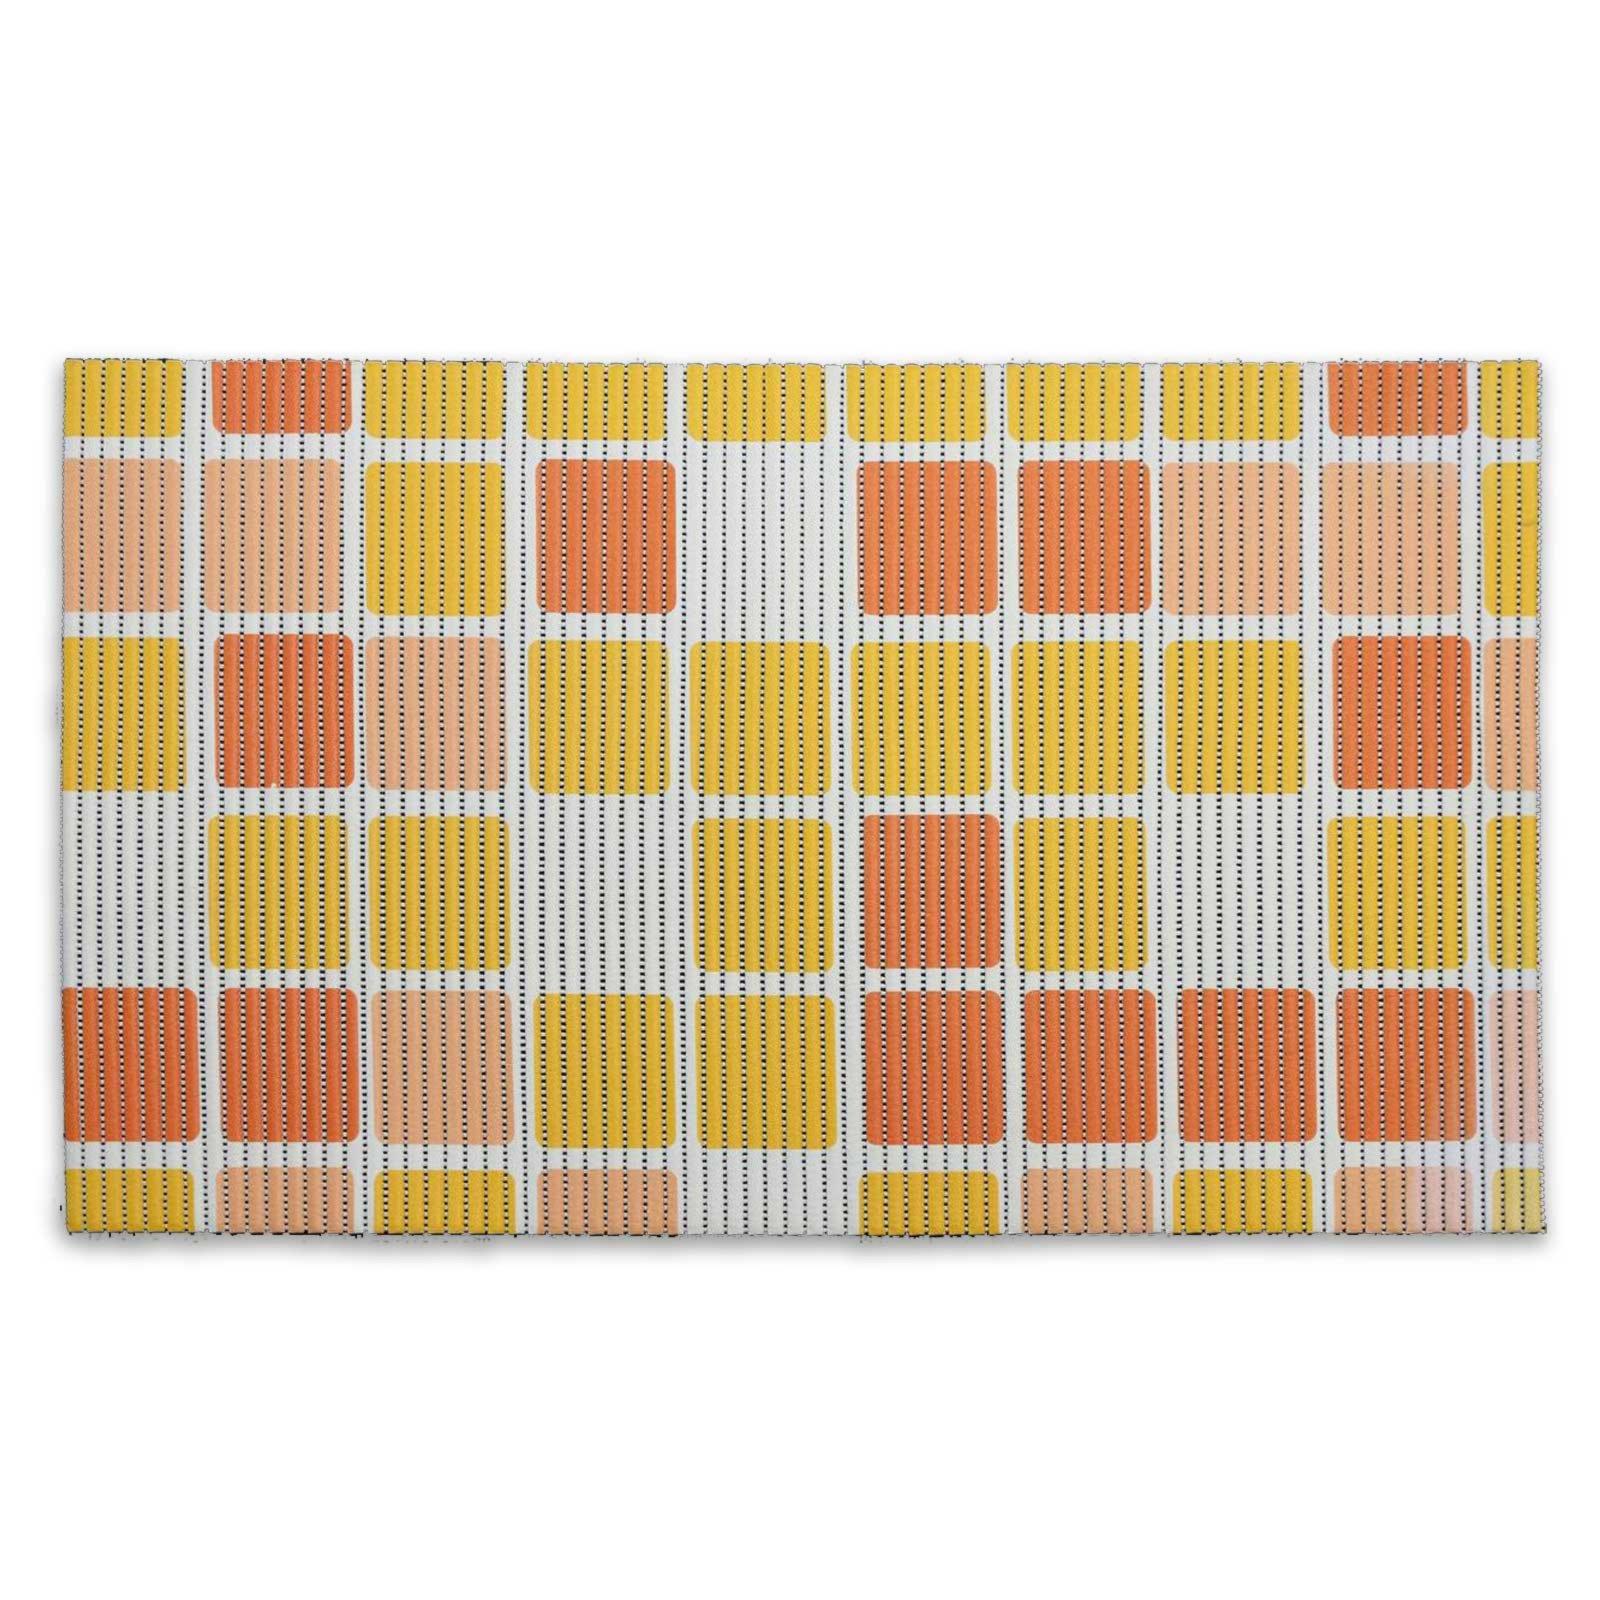 2er set universal bodenbelagsmatte bath orange. Black Bedroom Furniture Sets. Home Design Ideas